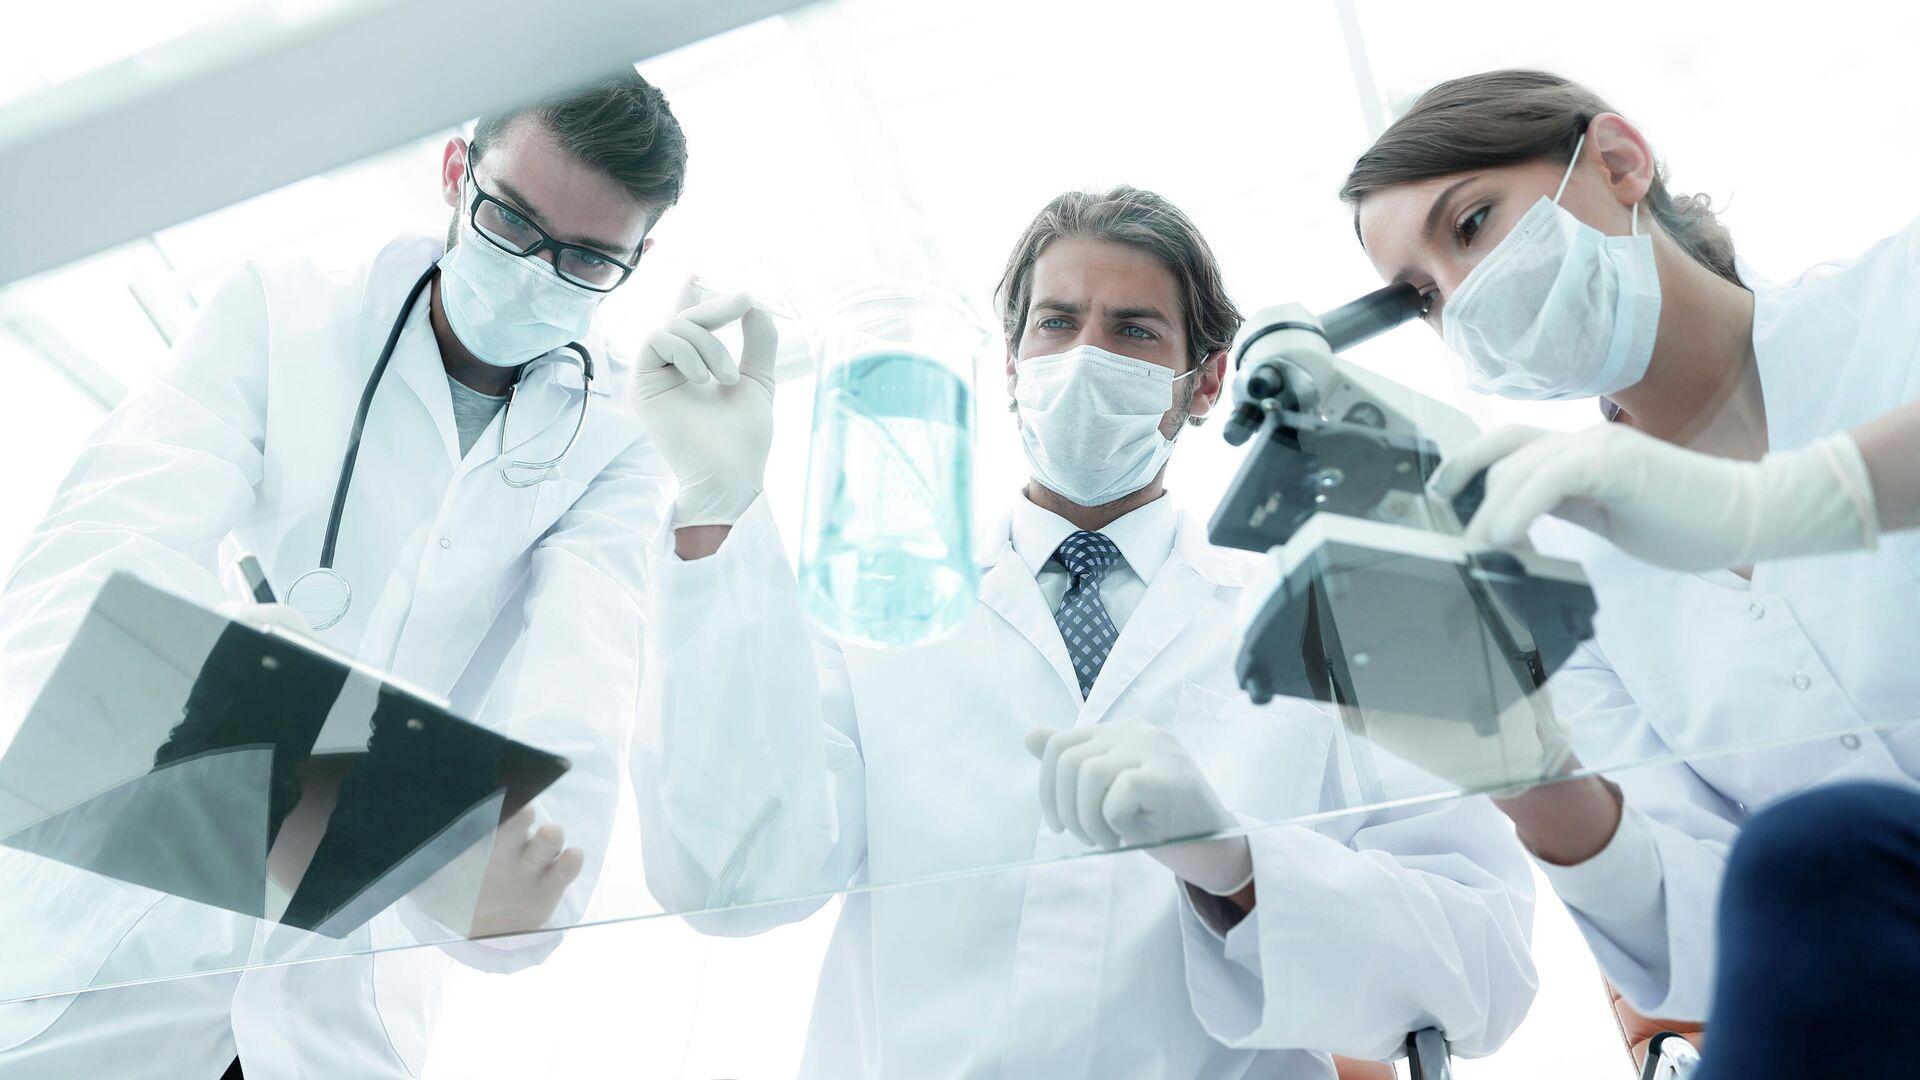 Ученые работают в лаборатории - РИА Новости, 1920, 24.06.2021